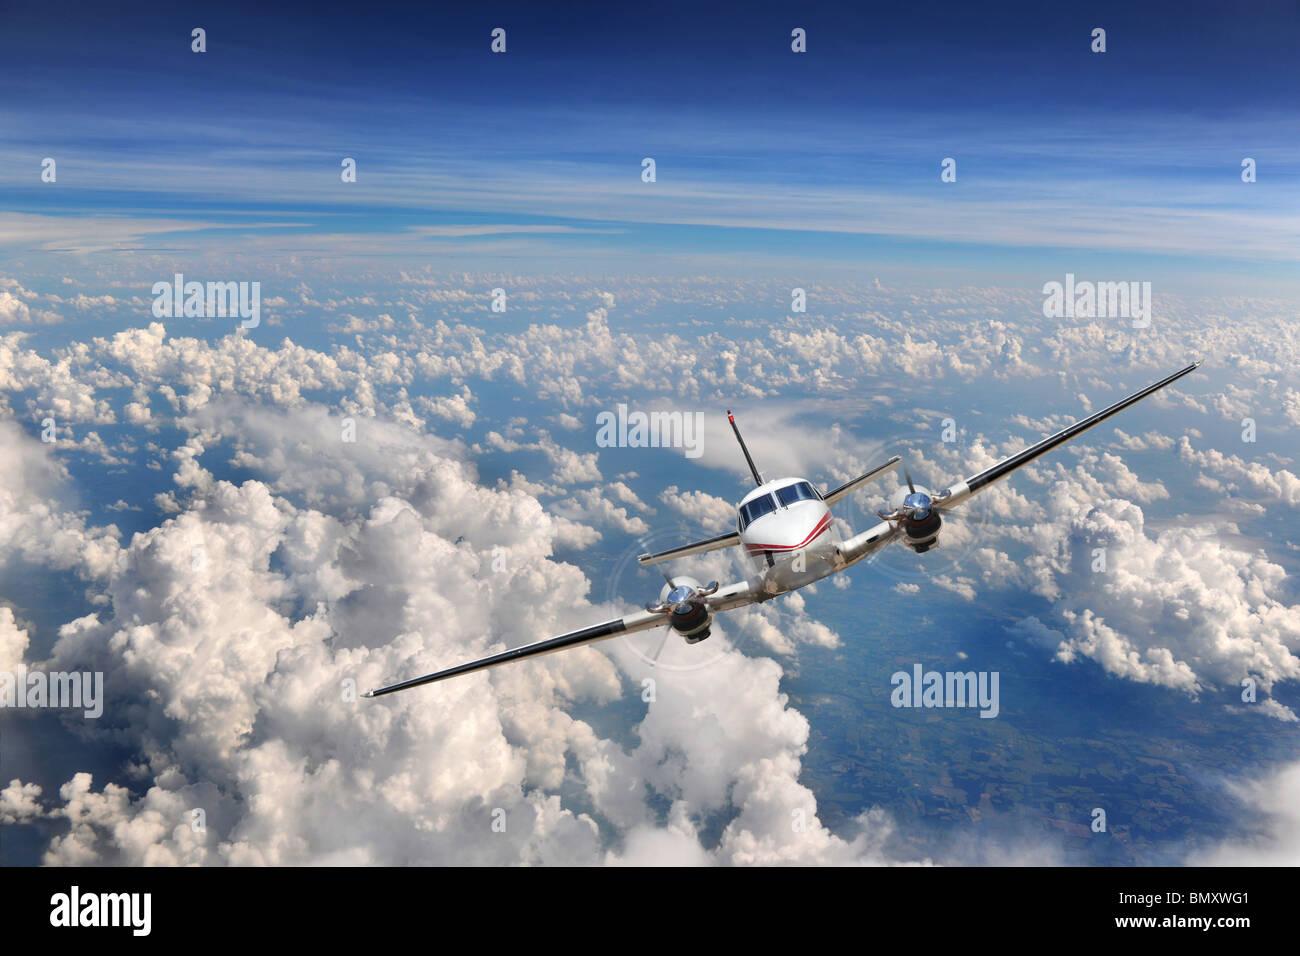 Flugzeug fliegen hoch über den Wolken Stockbild